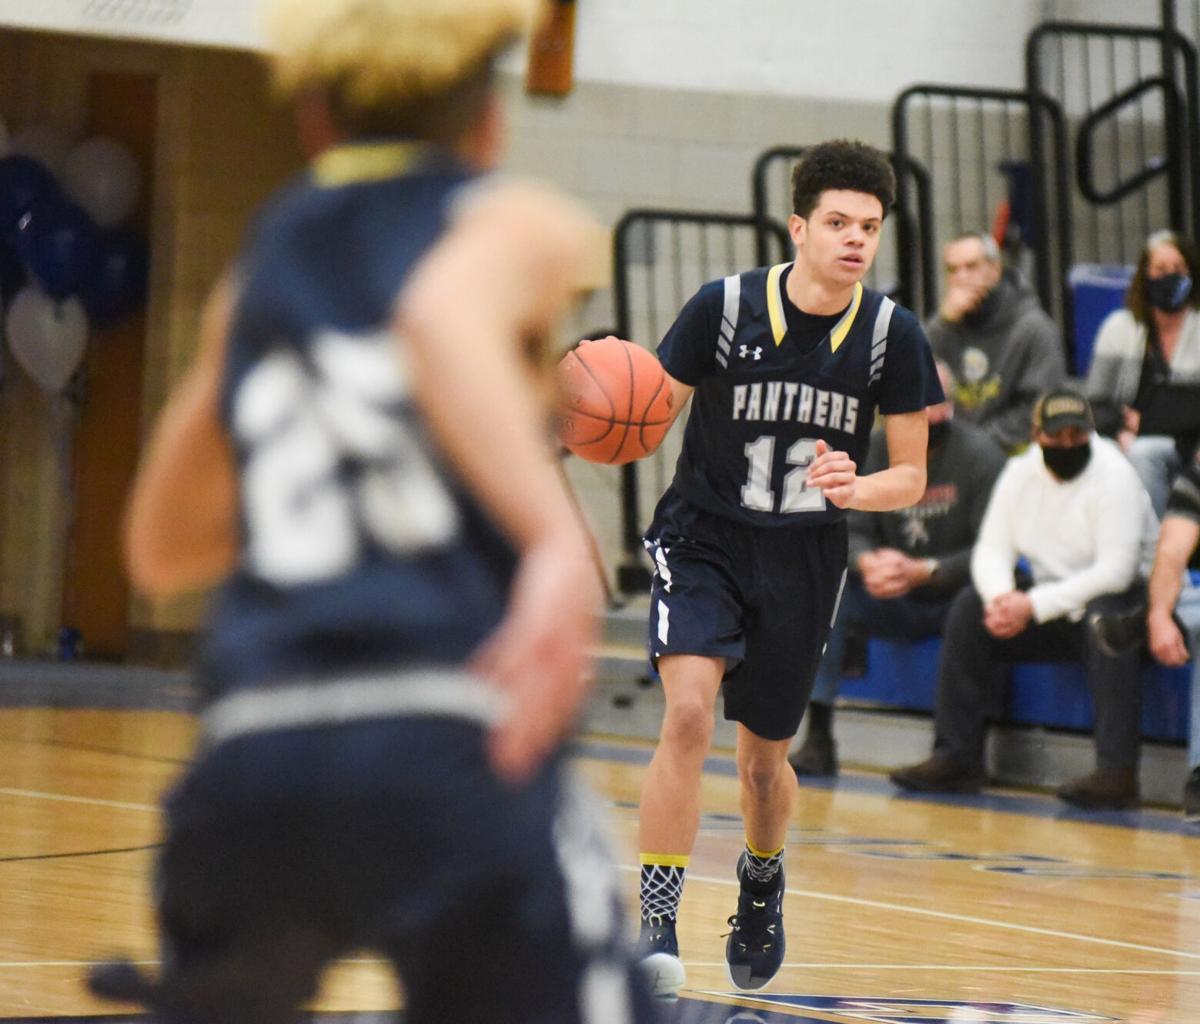 Boys Basketball - Saegertown vs. Cambridge Springs